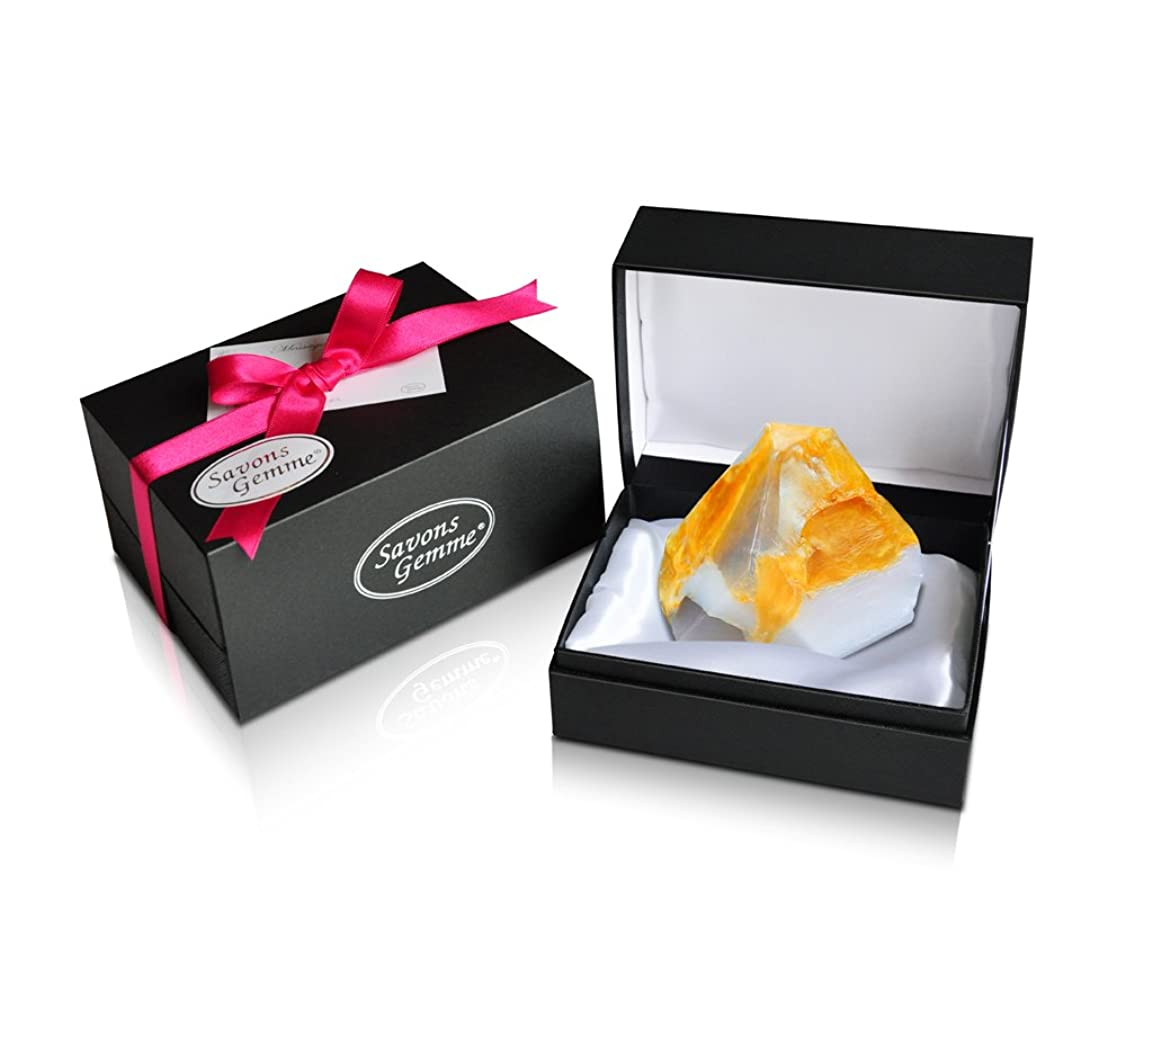 微弱口径結婚Savons Gemme サボンジェム ジュエリーギフトボックス 世界で一番美しい宝石石鹸 フレグランス ソープ 宝石箱のようなラグジュアリー感を演出 アルバトールオリエンタル 170g 【日本総代理店品】